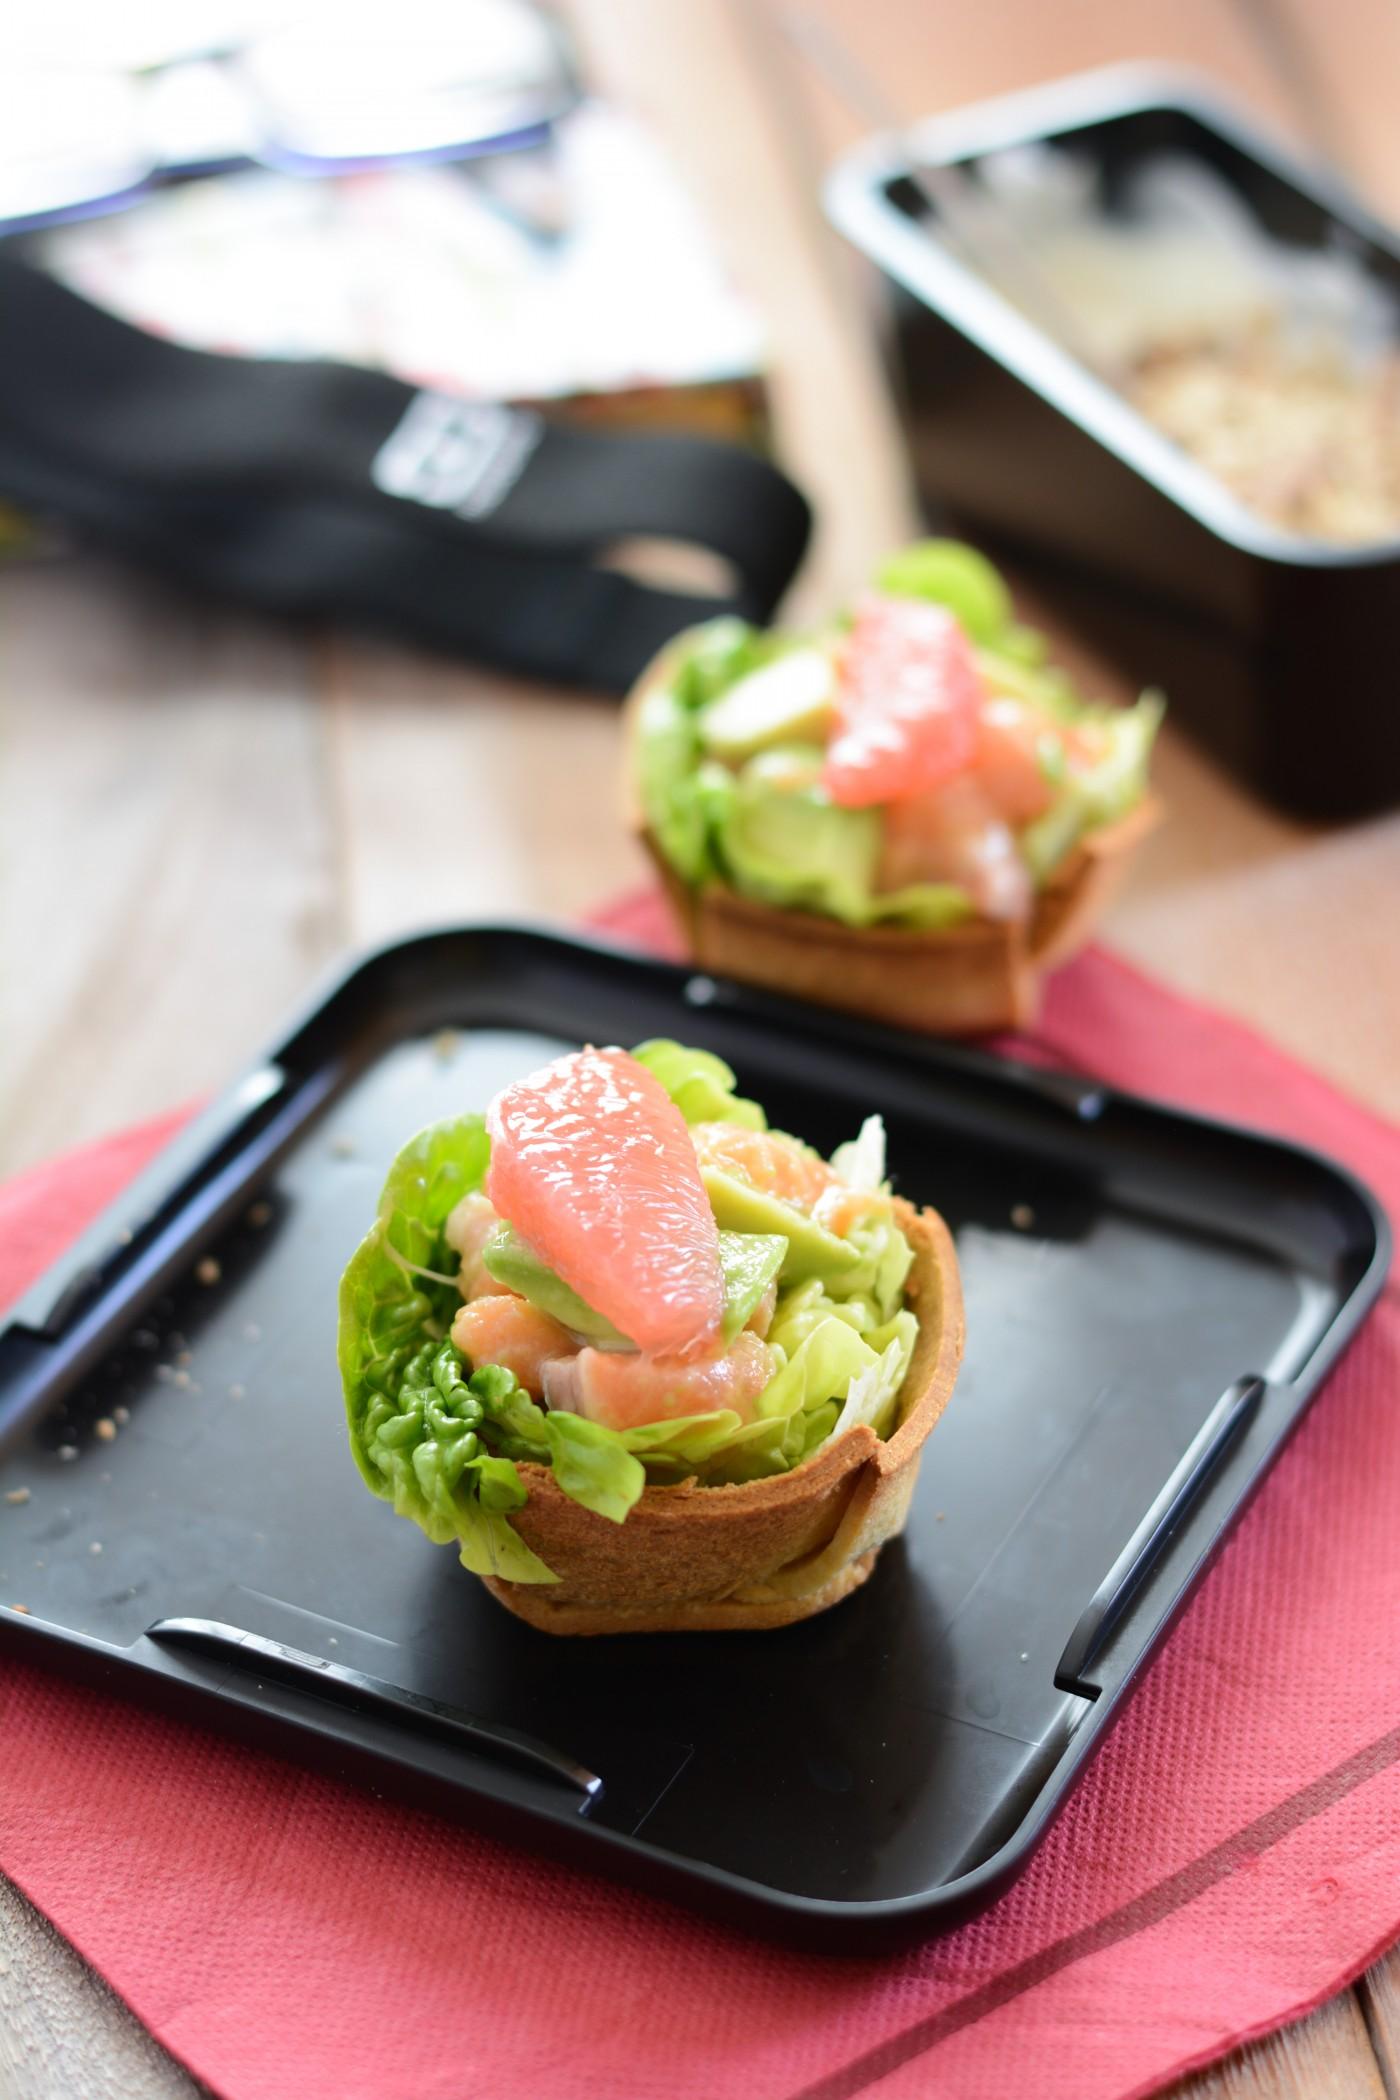 Déjeuner dans mon bento: salade de truite, avocat et pamplemousse dans un bread bowl